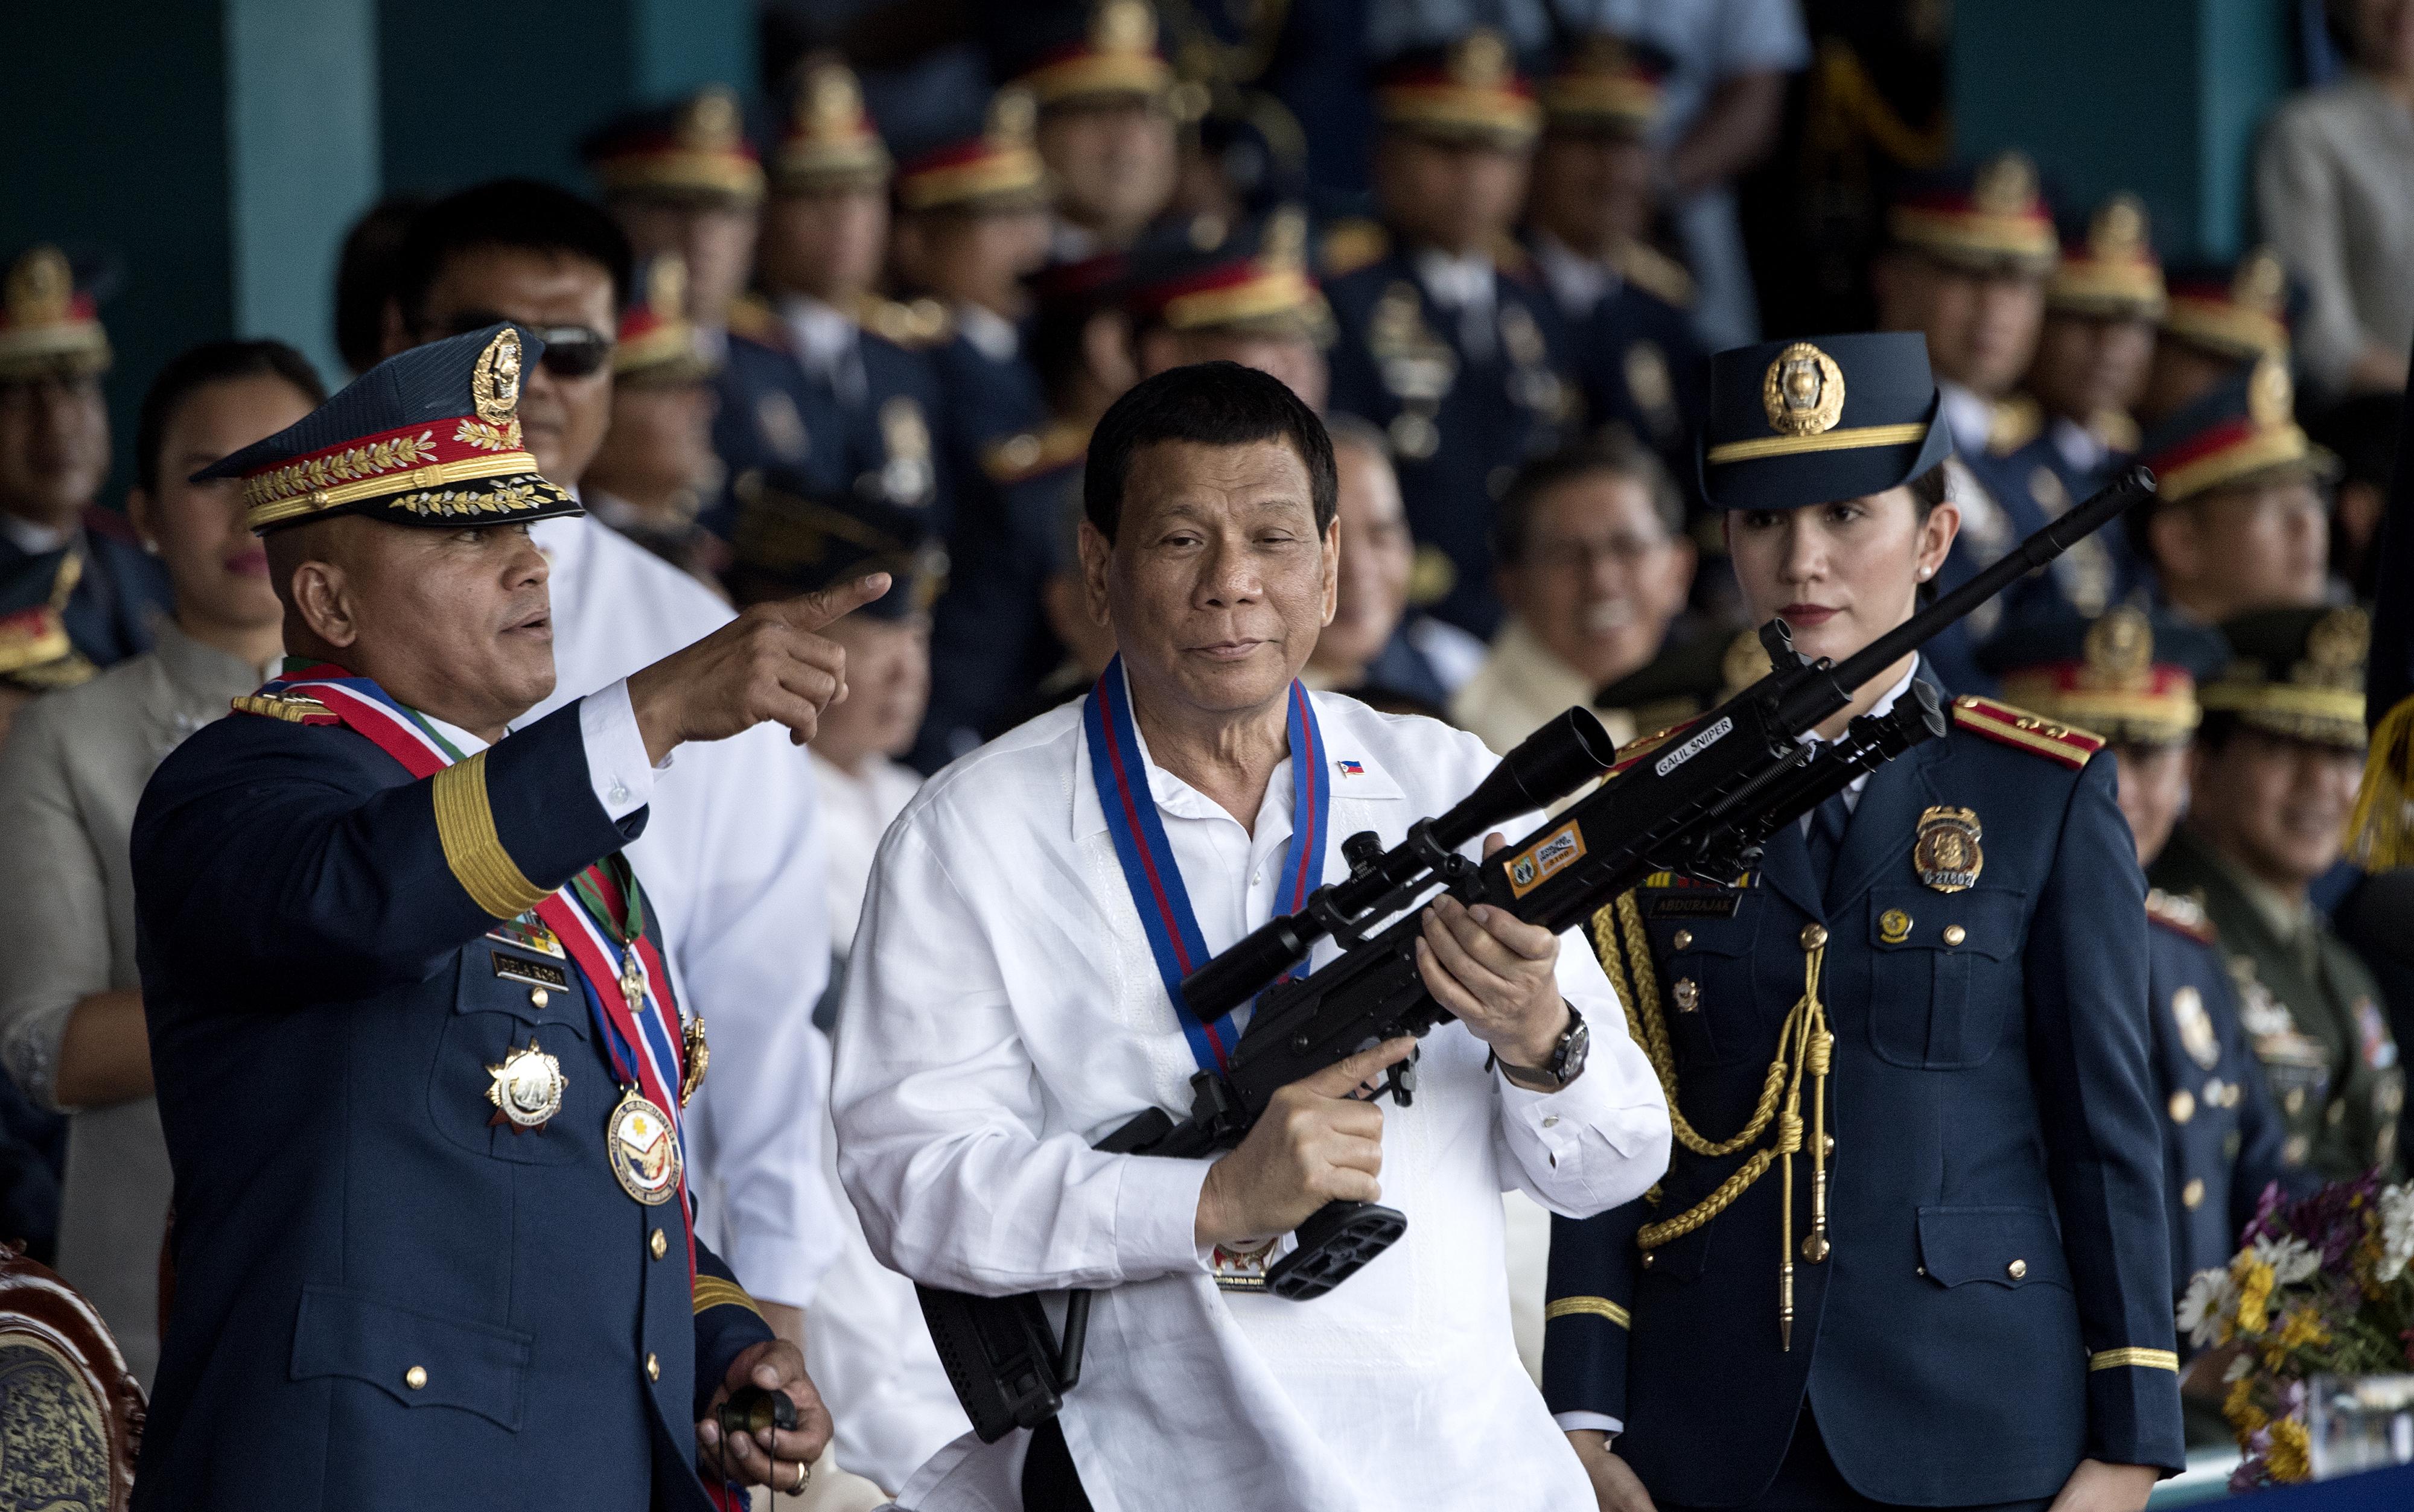 """""""Akit behoznak a rendőrségre, mert nem volt rajta maszk, az egy életre szóló leckét kap"""" - üzente népének a Fülöp-szigeteki elnök"""